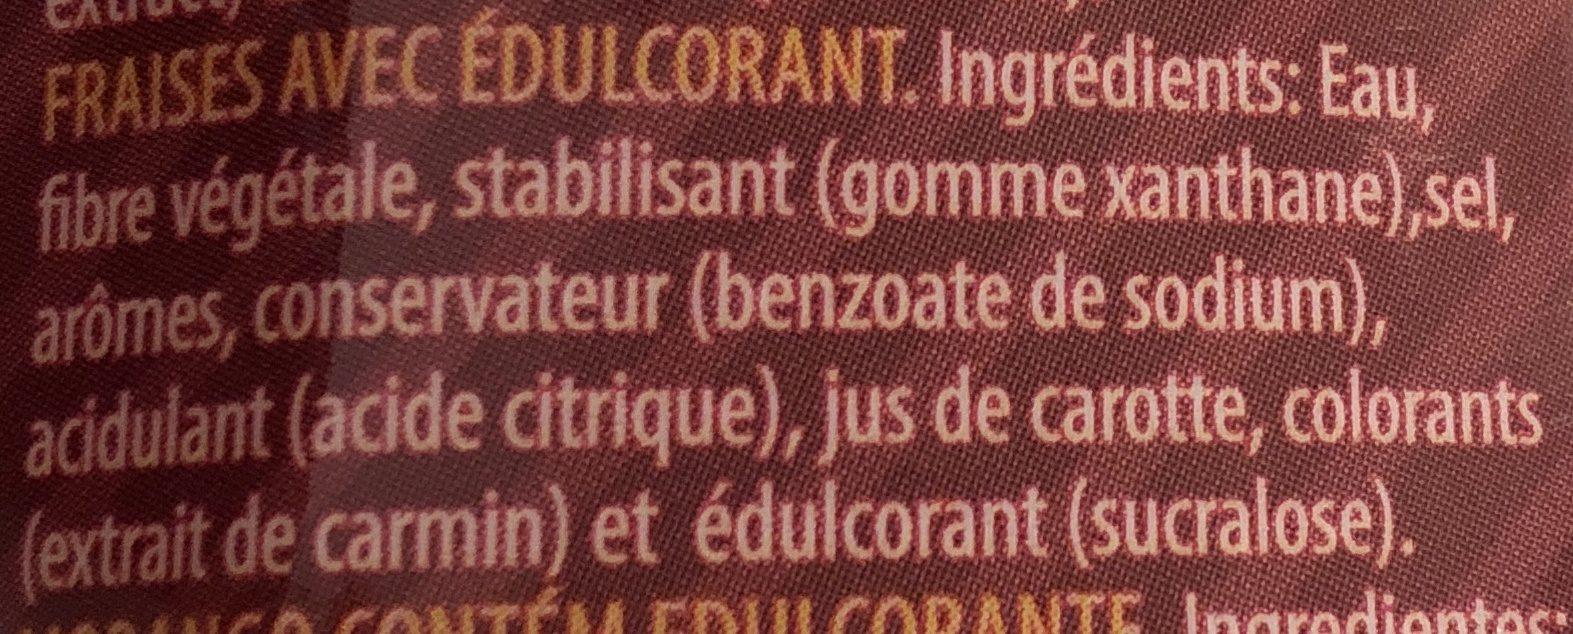 Servivita Sauce Fraise 320ML - Ingrédients - fr